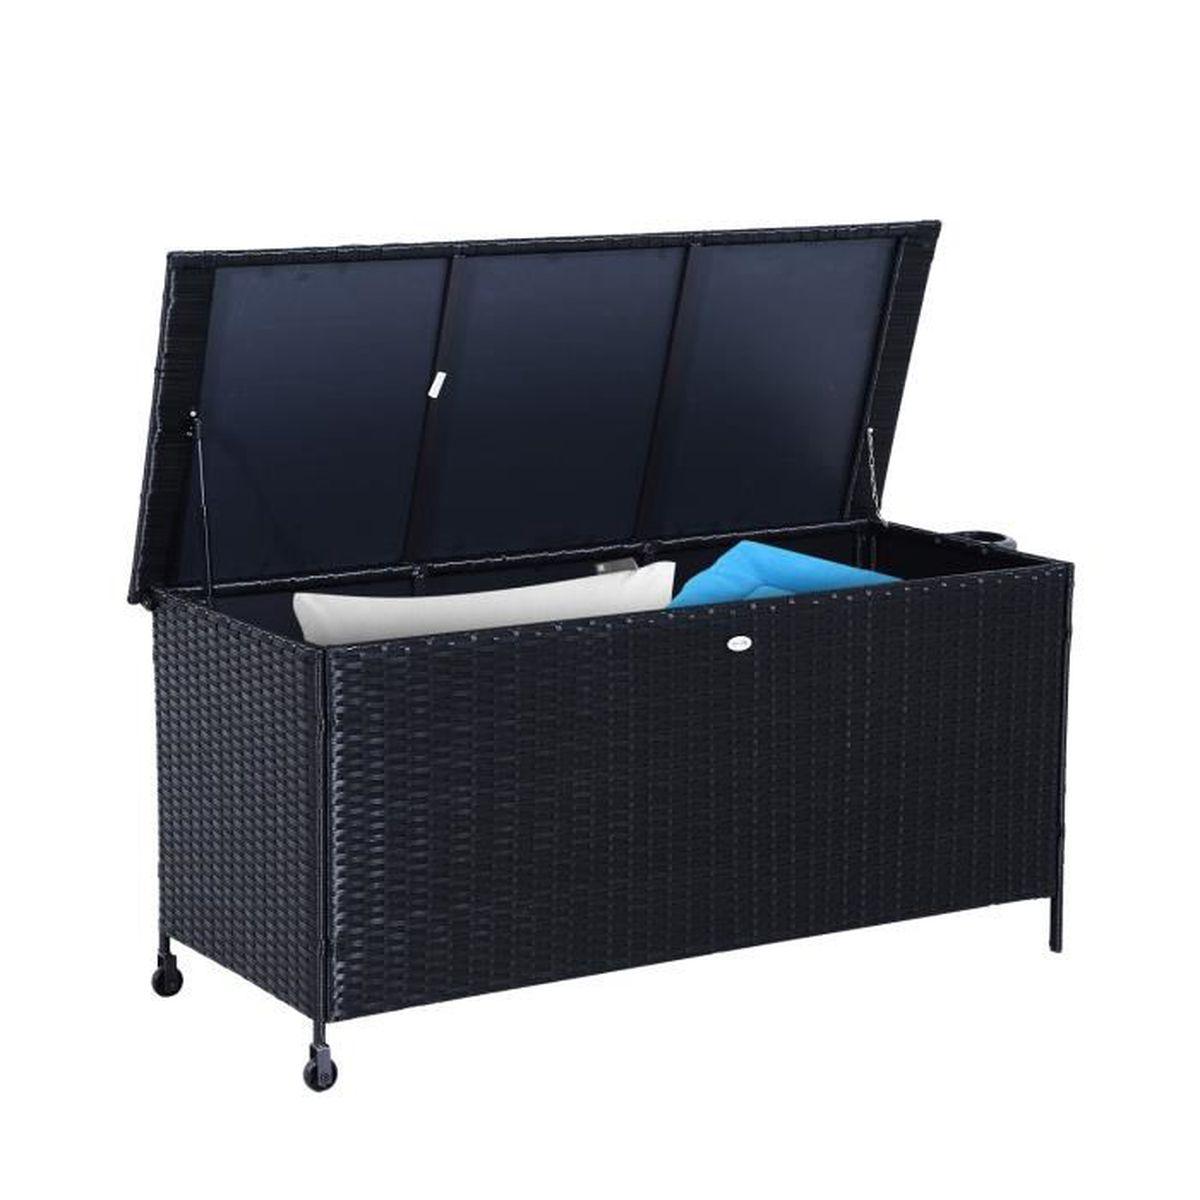 coffre de jardin avec roulette achat vente coffre de jardin avec roulette pas cher cdiscount. Black Bedroom Furniture Sets. Home Design Ideas